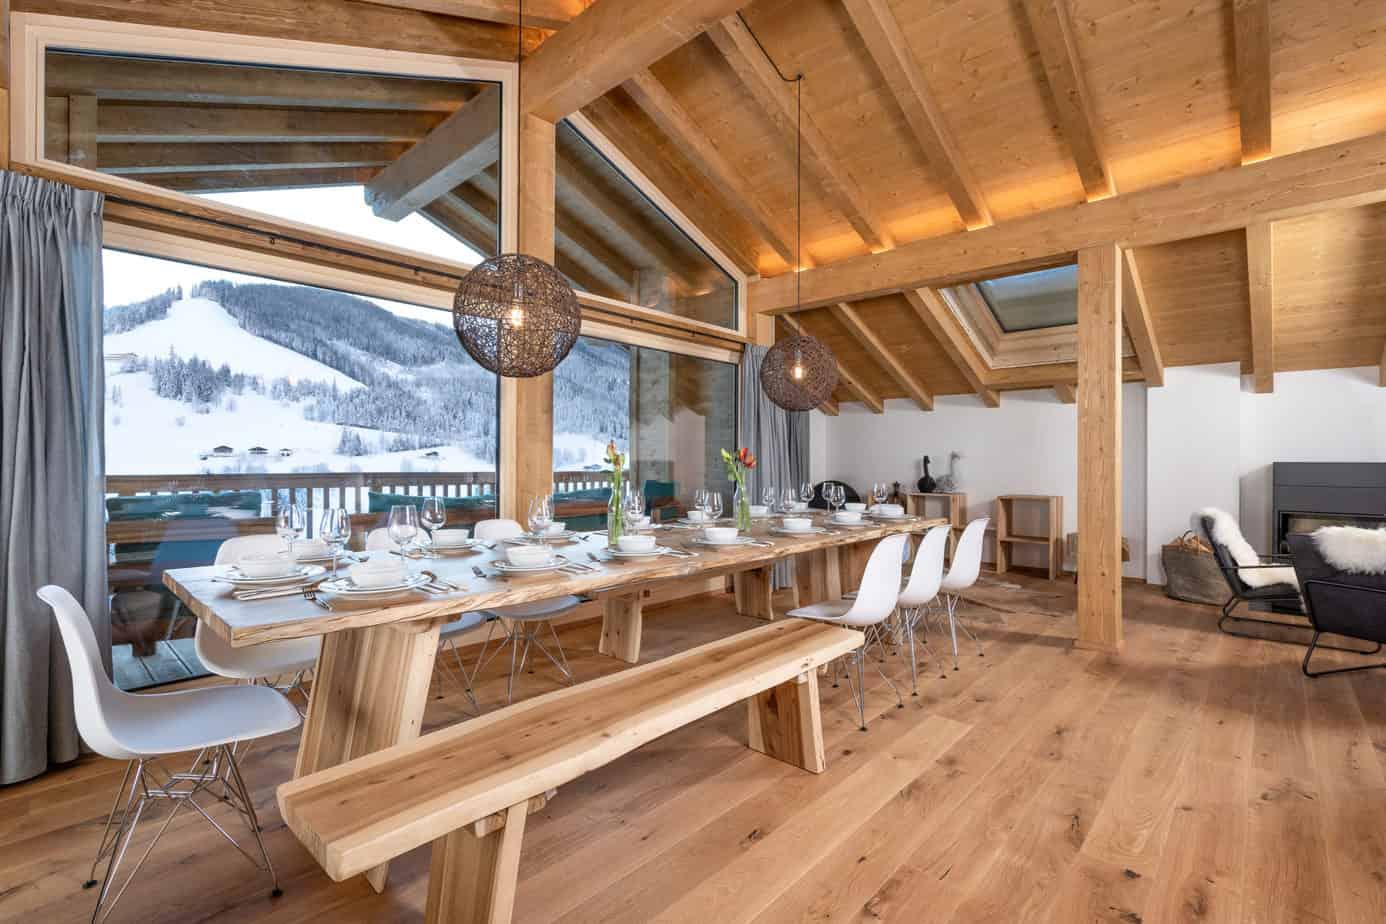 Dineren in luxe lodge Mühlbach am Hochkönig